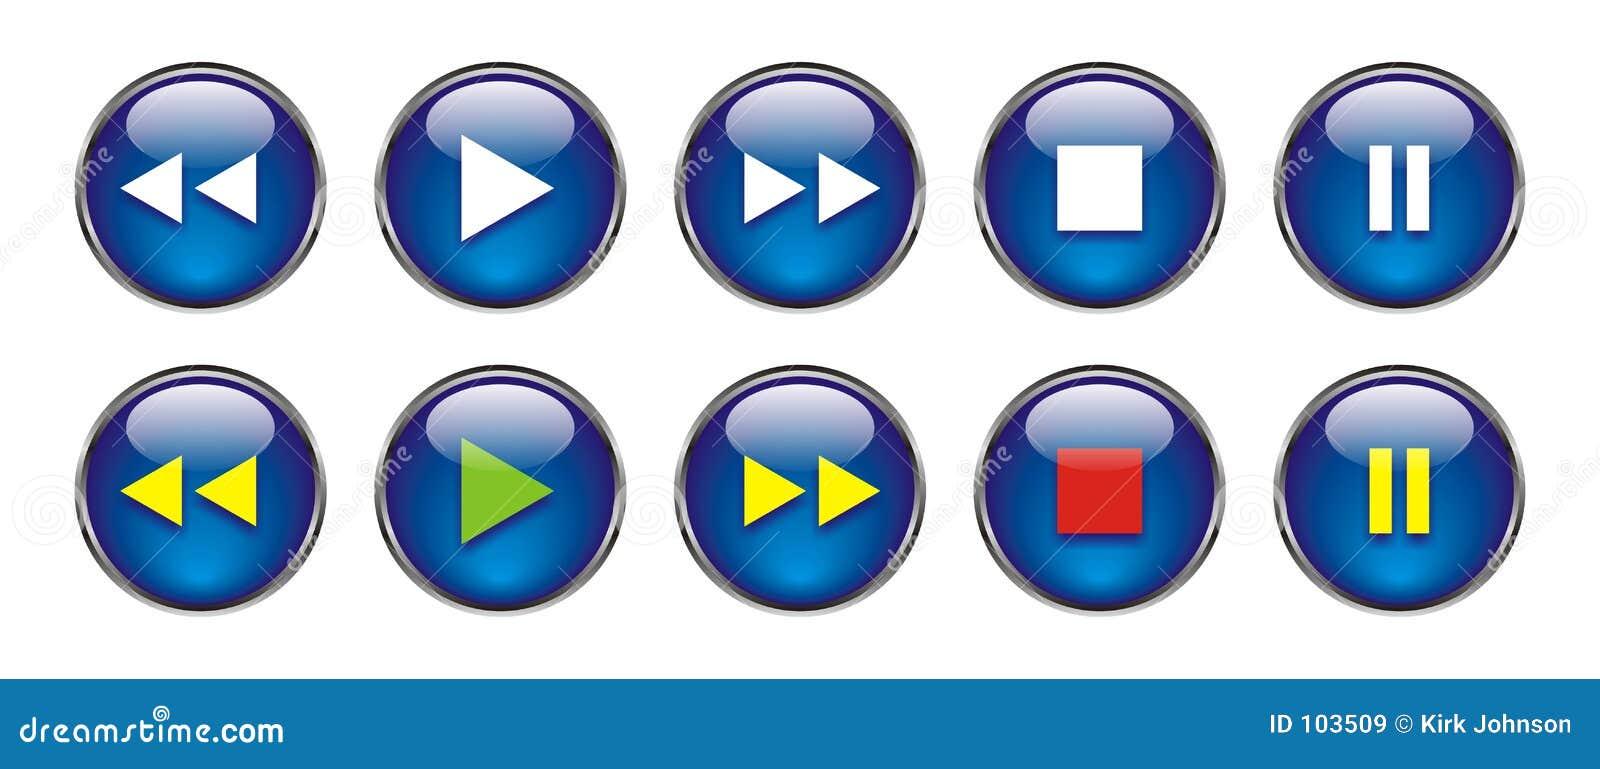 Teclas do Web para DVD/VCR/CD